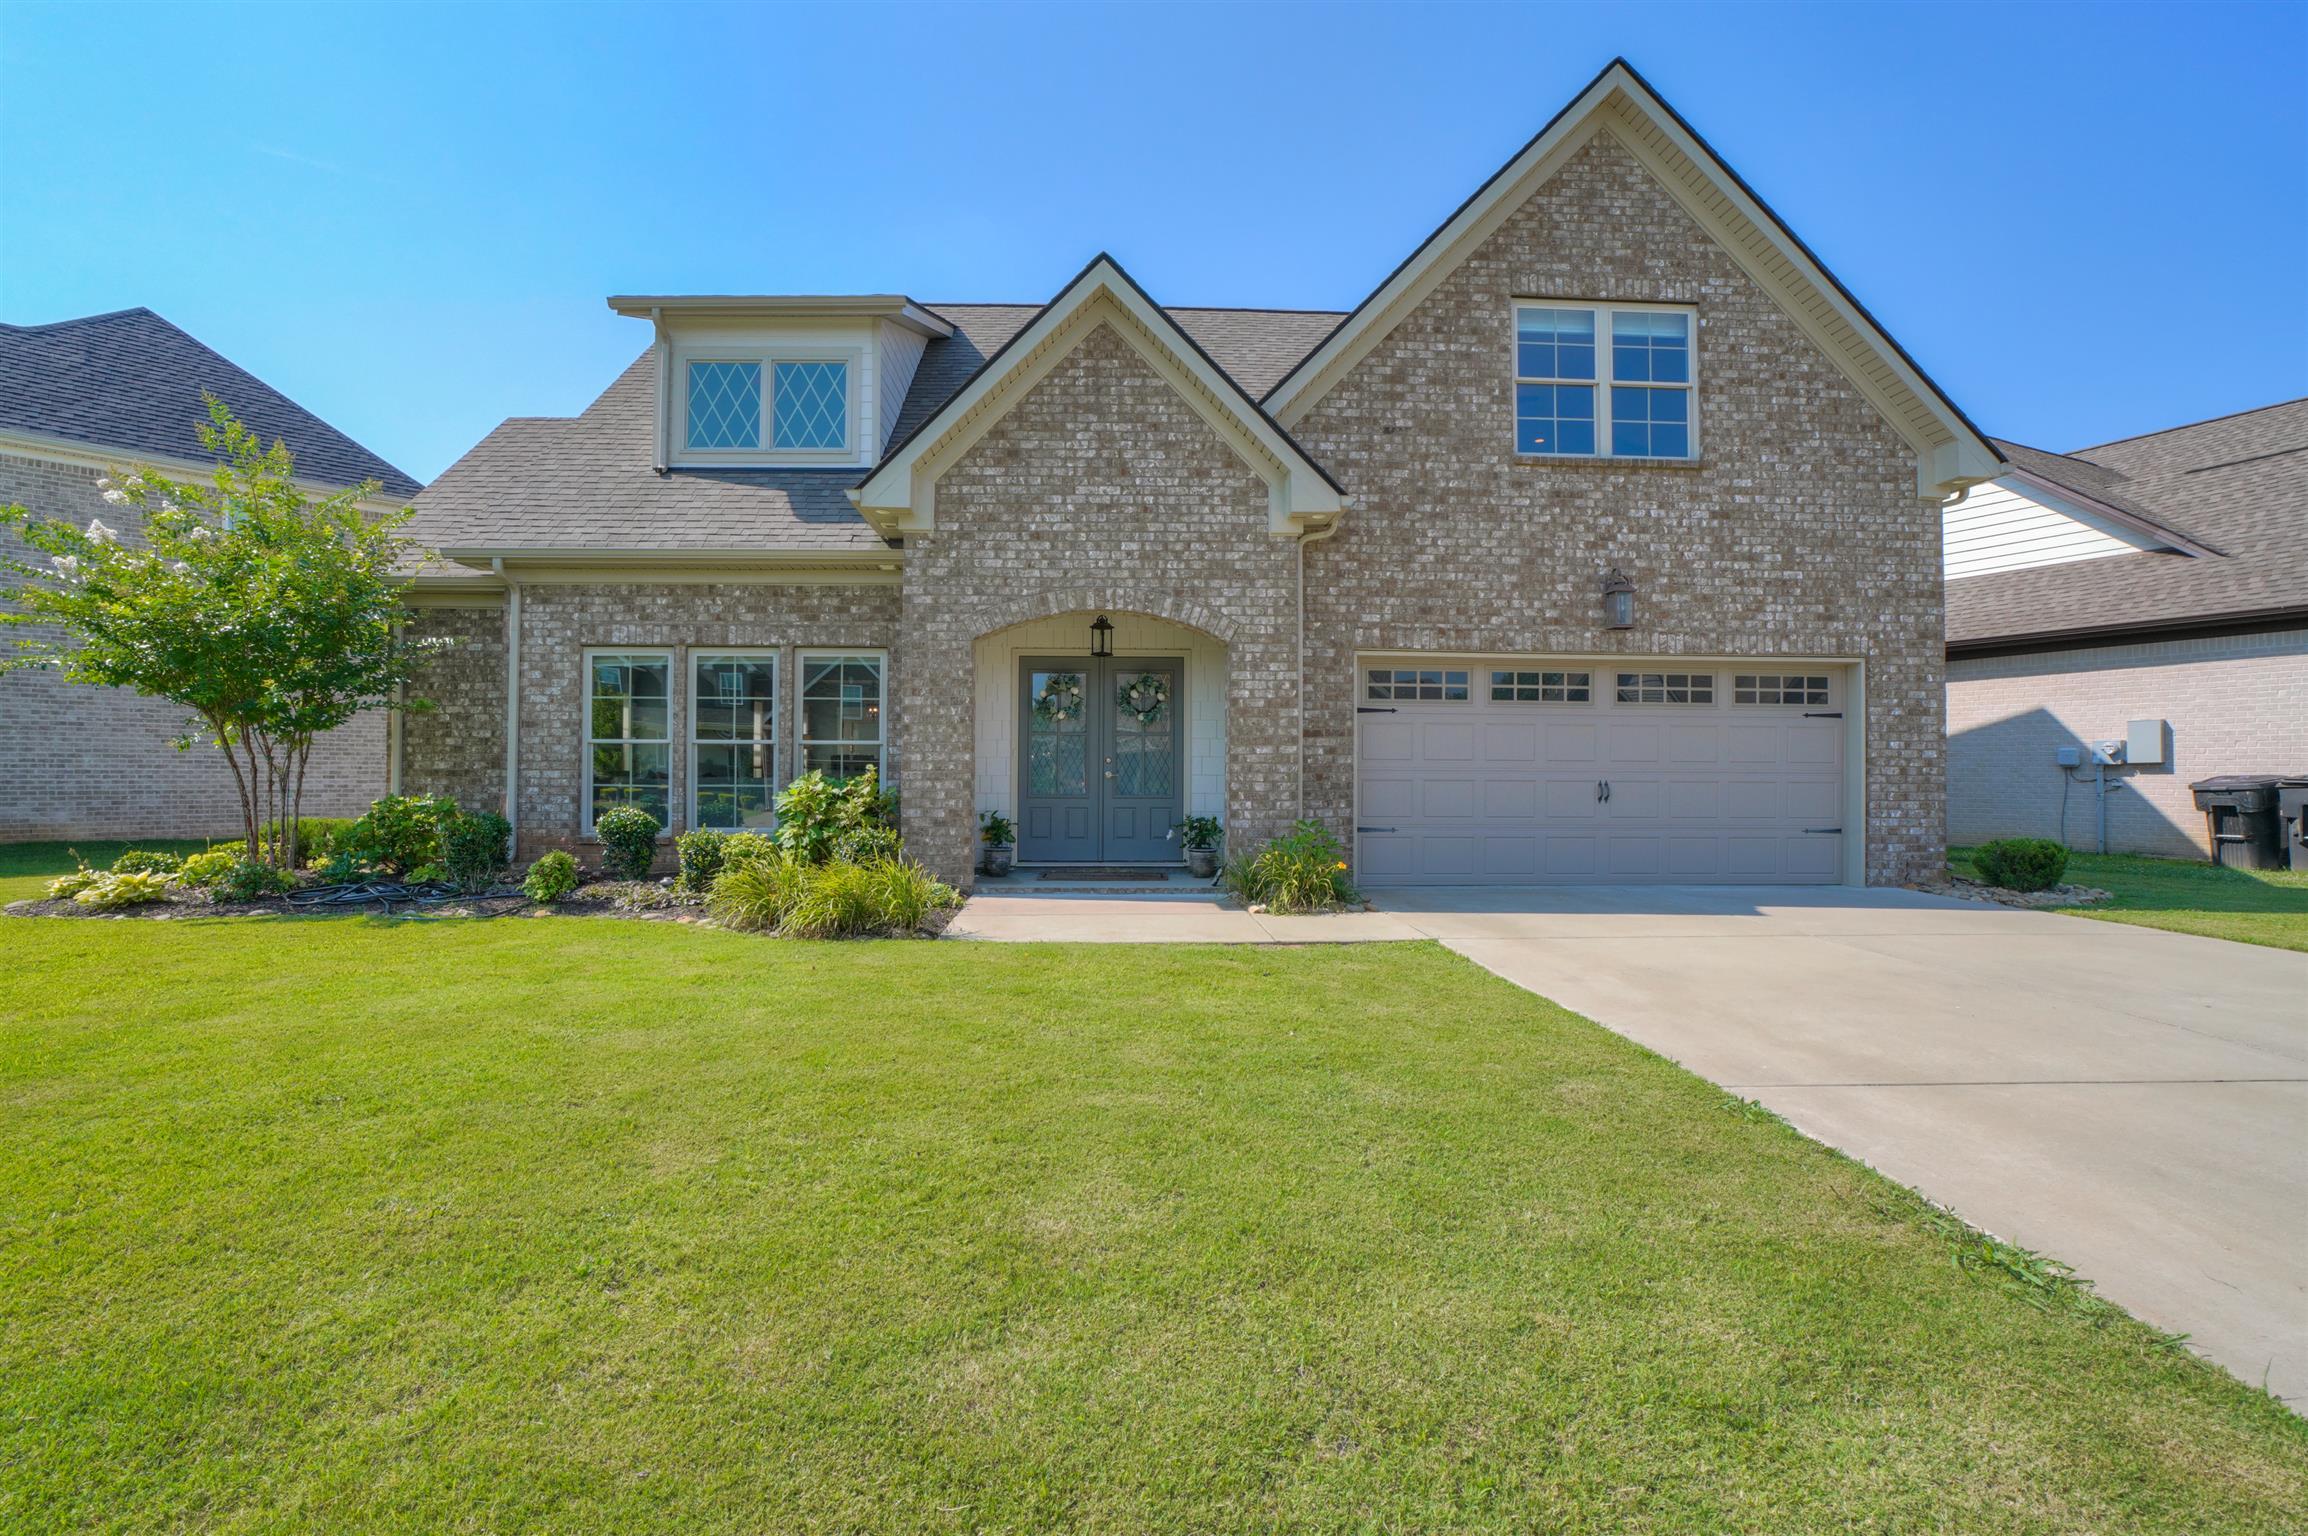 5133 Starnes Dr, Murfreesboro, TN 37128 - Murfreesboro, TN real estate listing